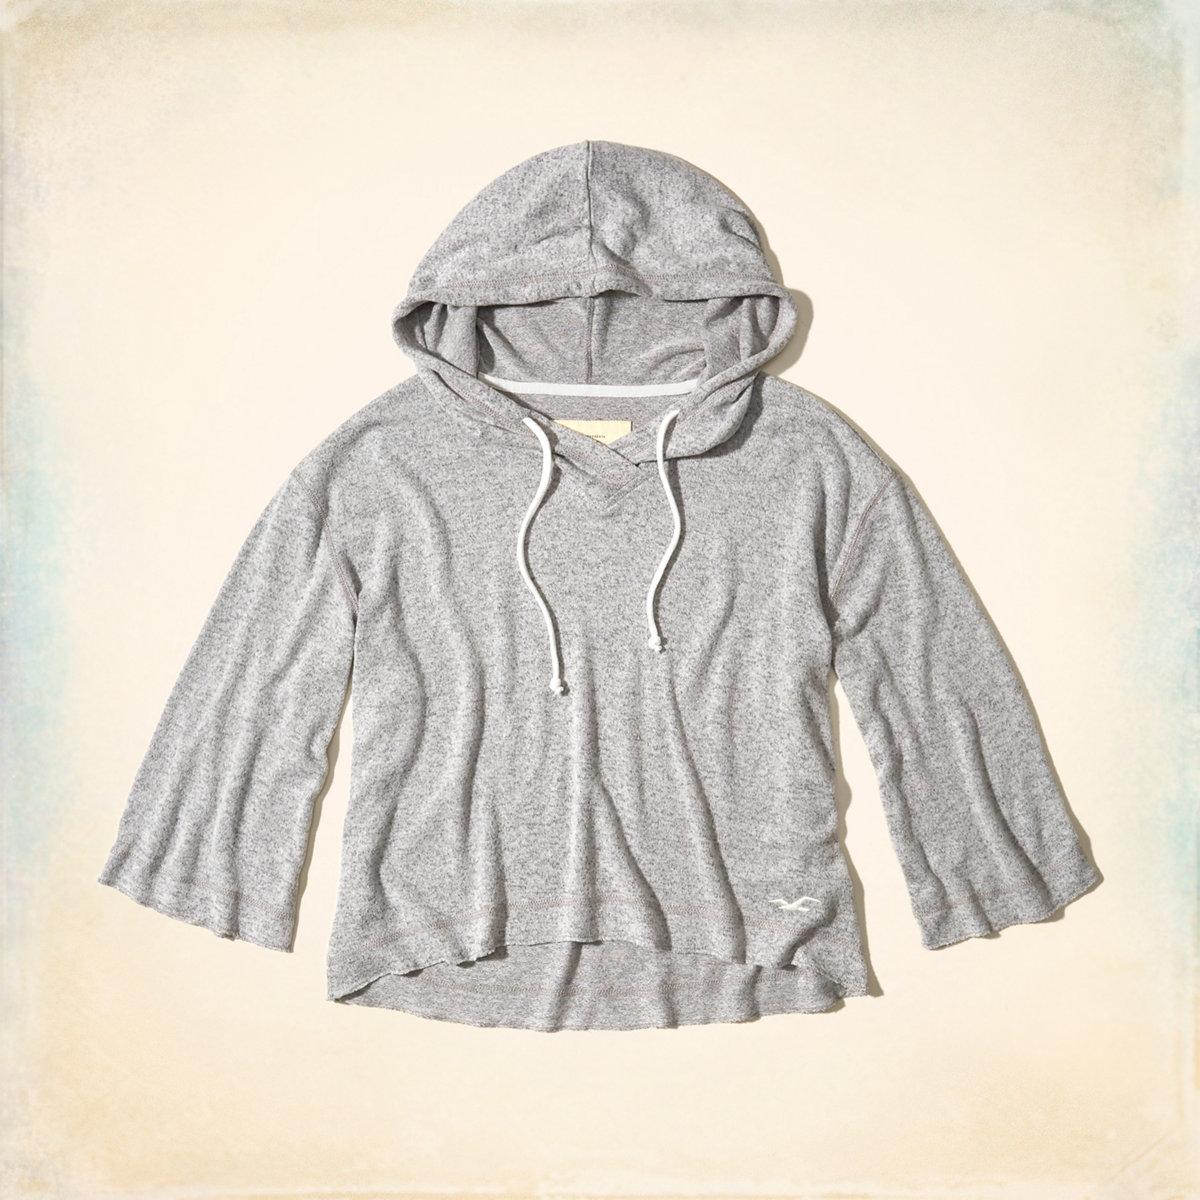 3/4 Sleeve Hoodie